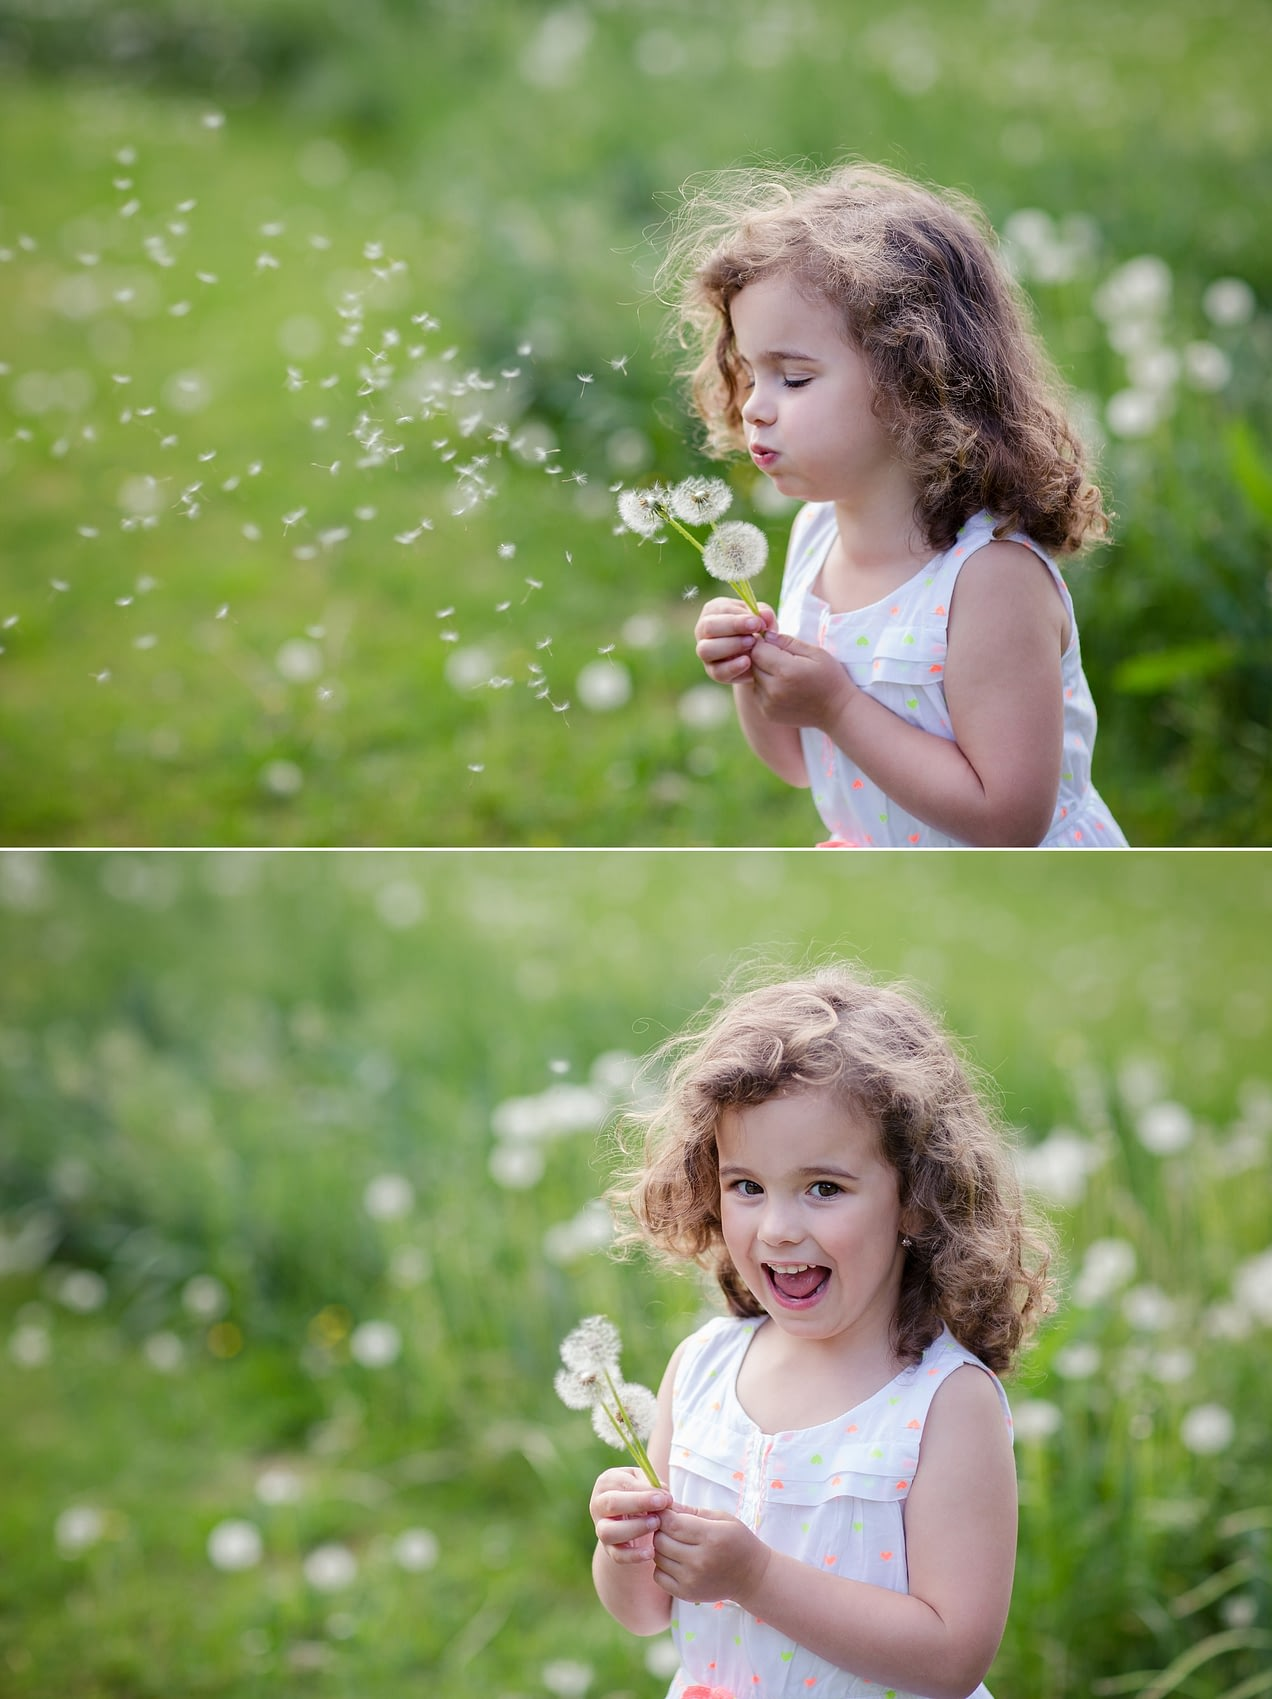 Focení v přírodě na louce holčička fouká do pampelišky